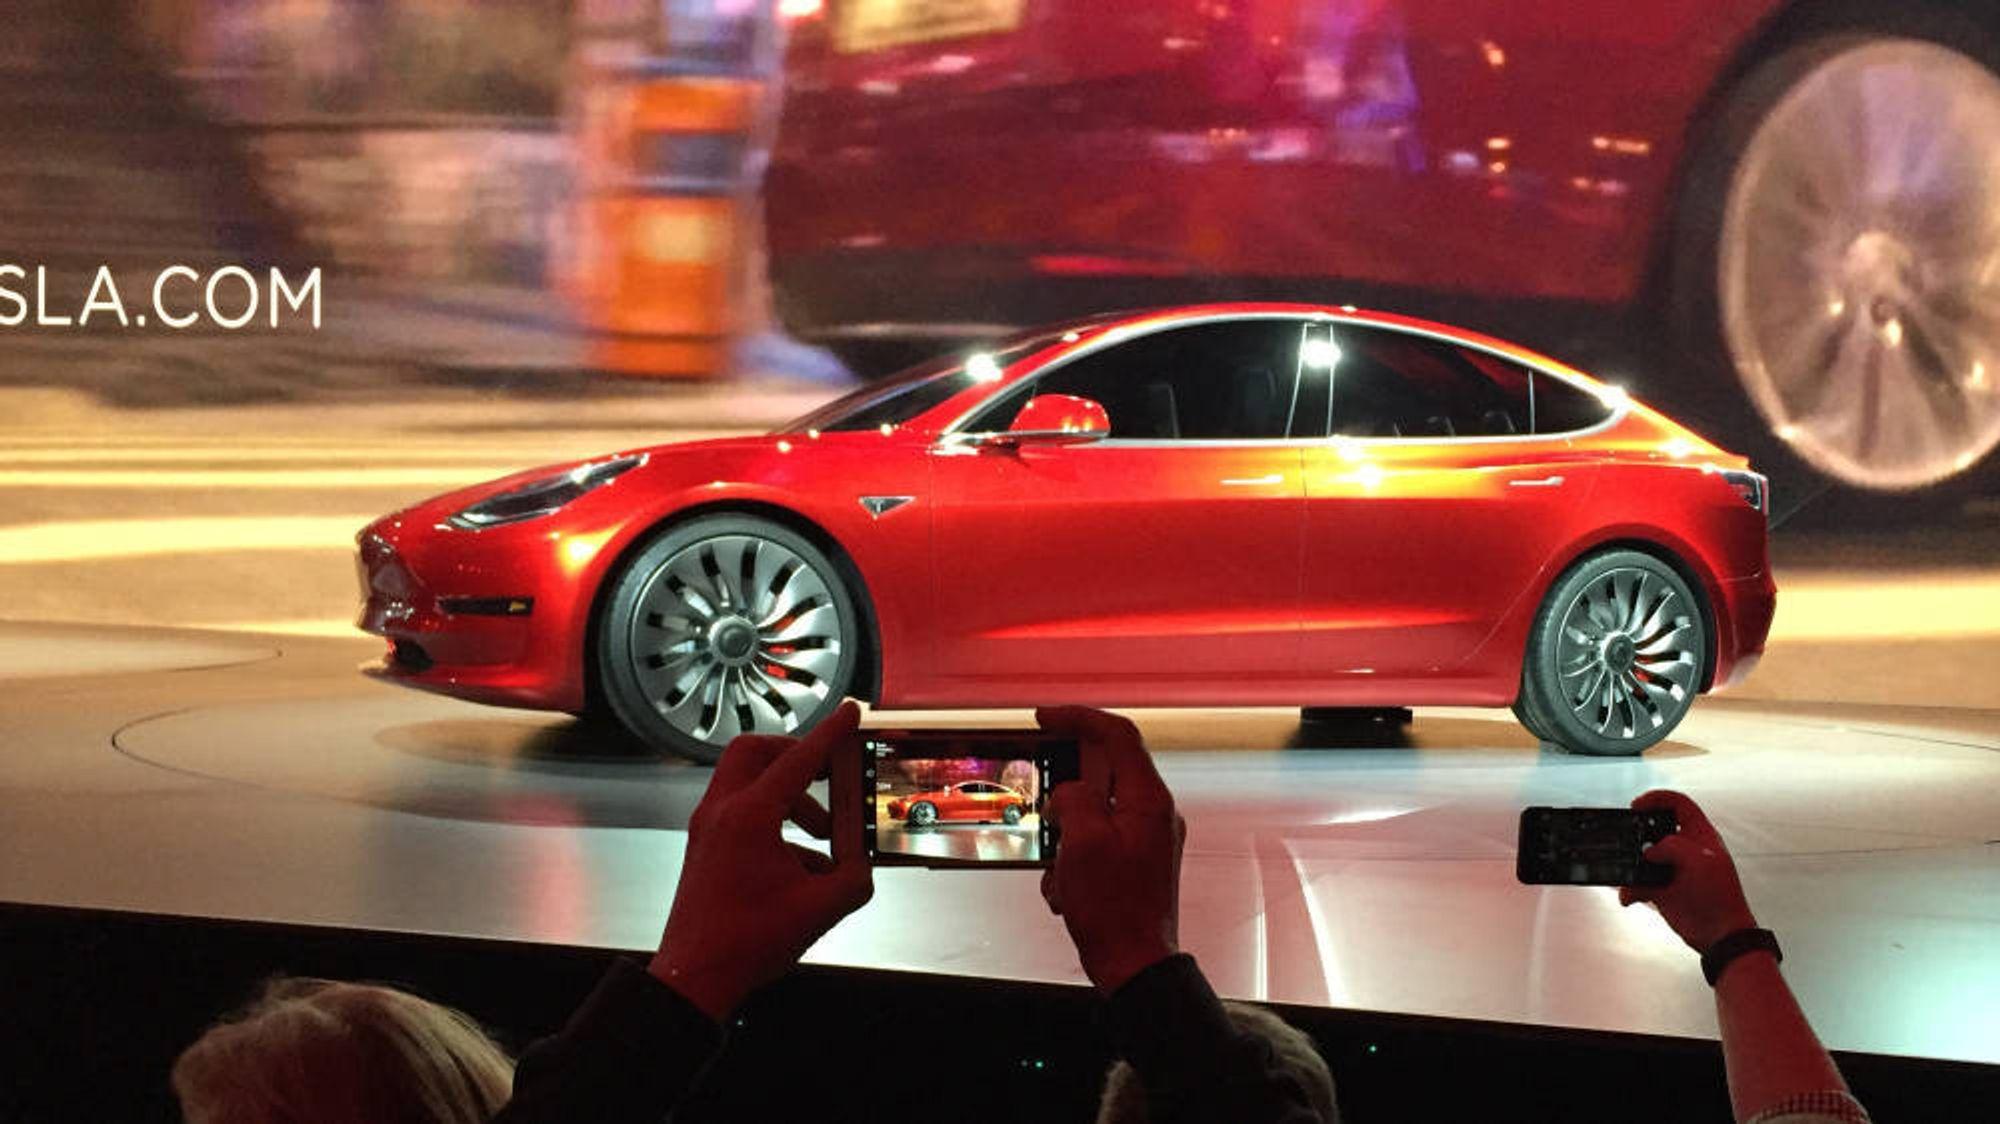 Det er stor interesse for Teslas Model 3, og i morgen leveres de første 30 bilene.